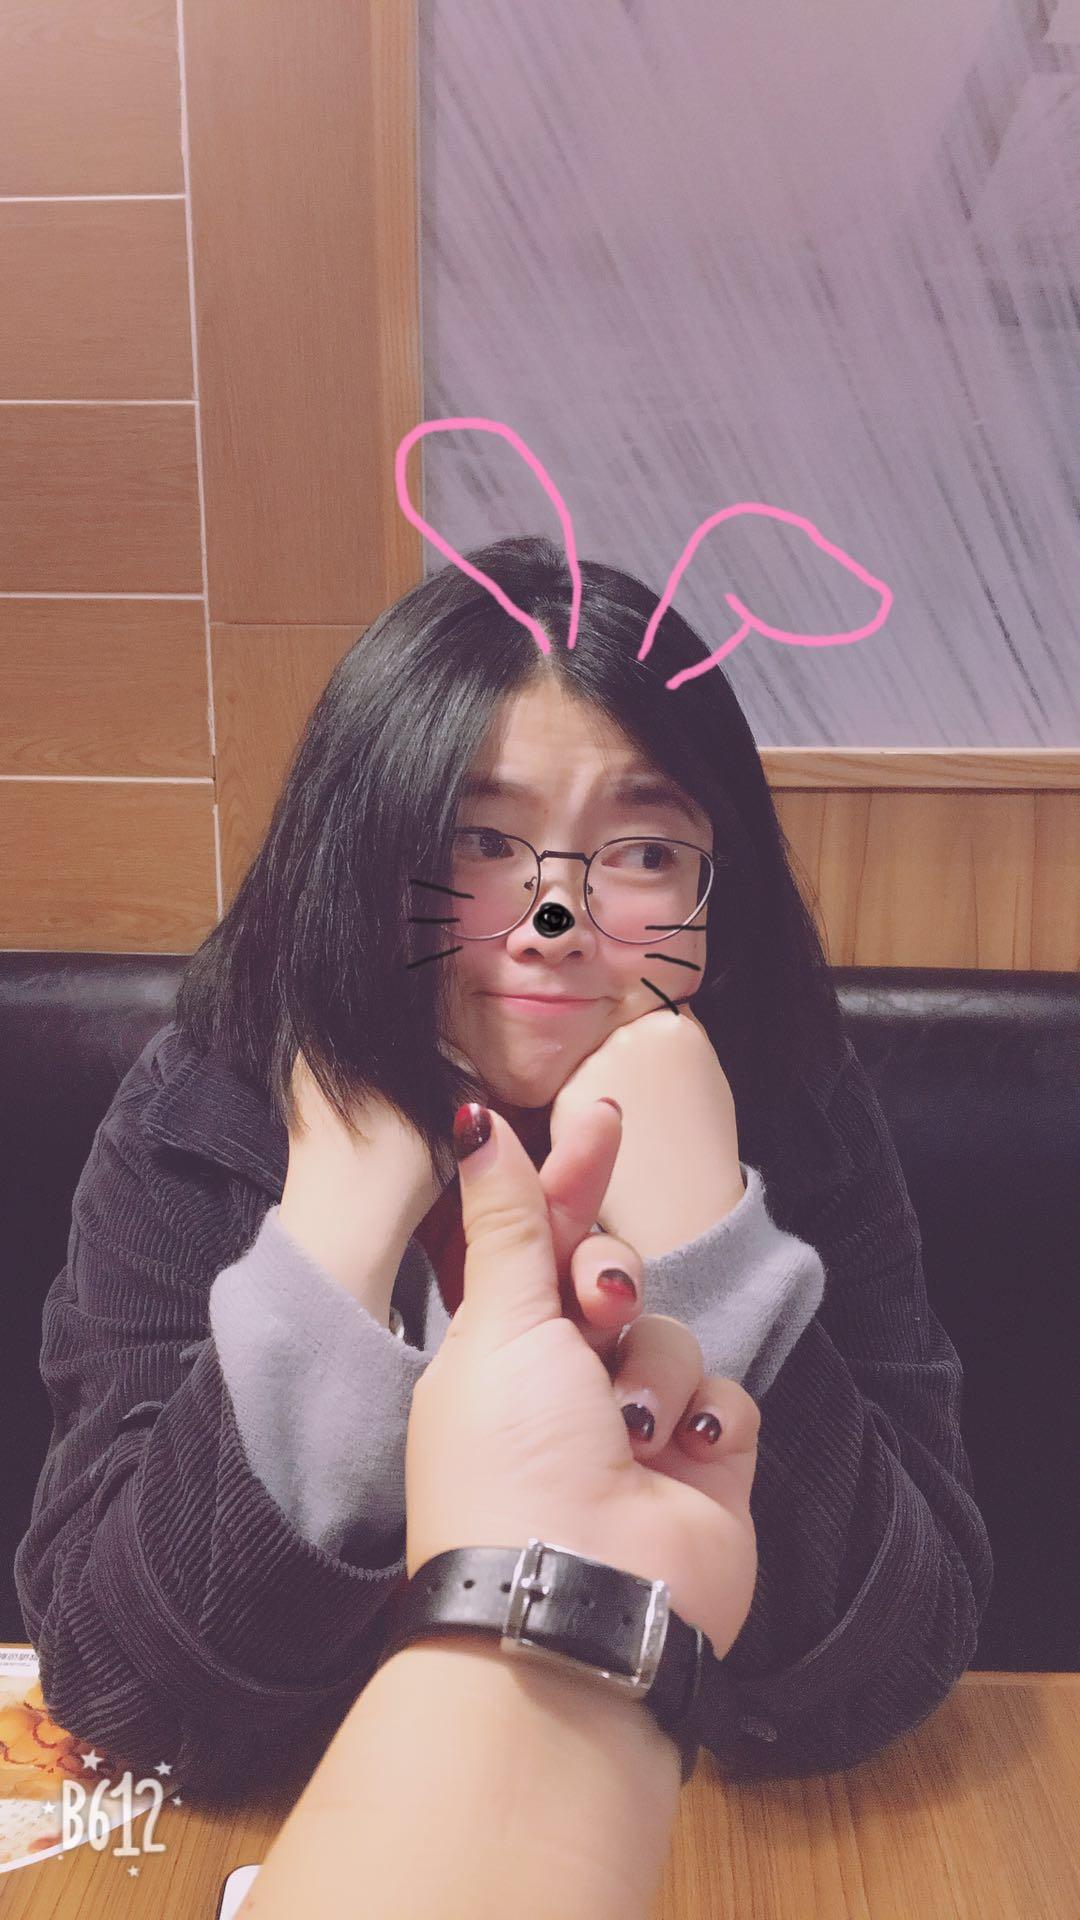 Go to Echo. Wang's profile